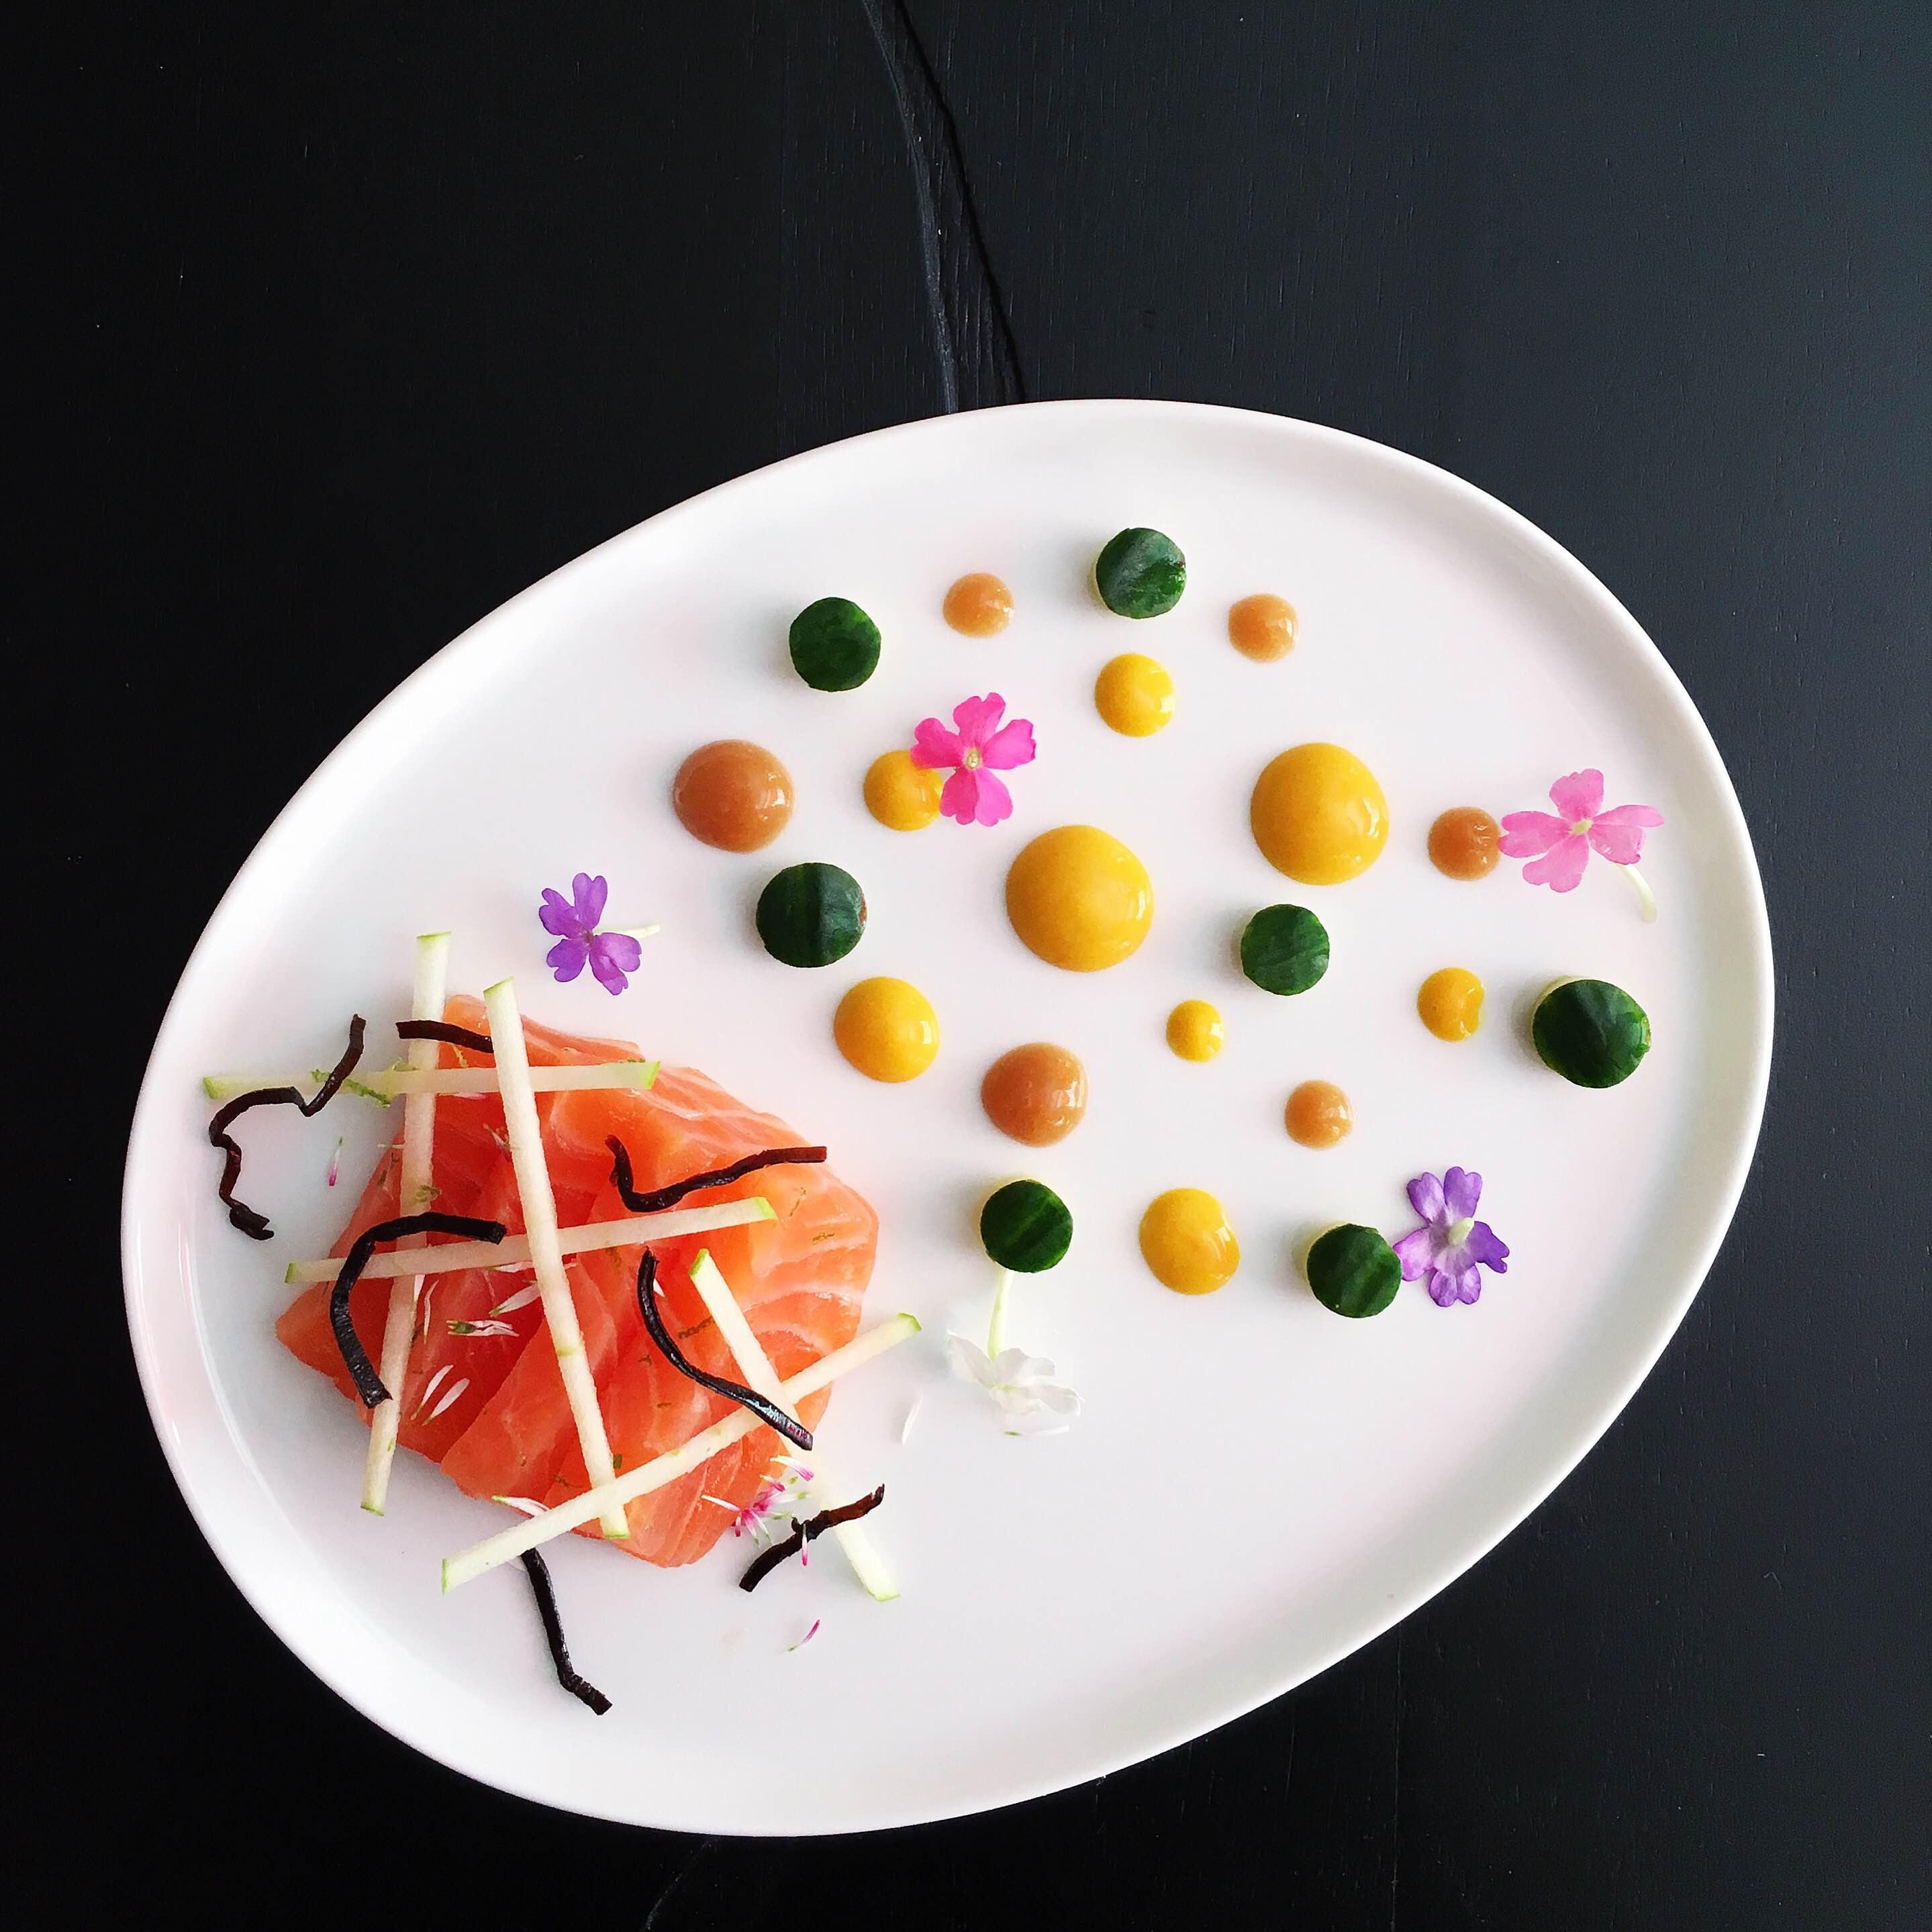 ãboutary restaurant parisãã®ç»åæ¤ç´¢çµæ